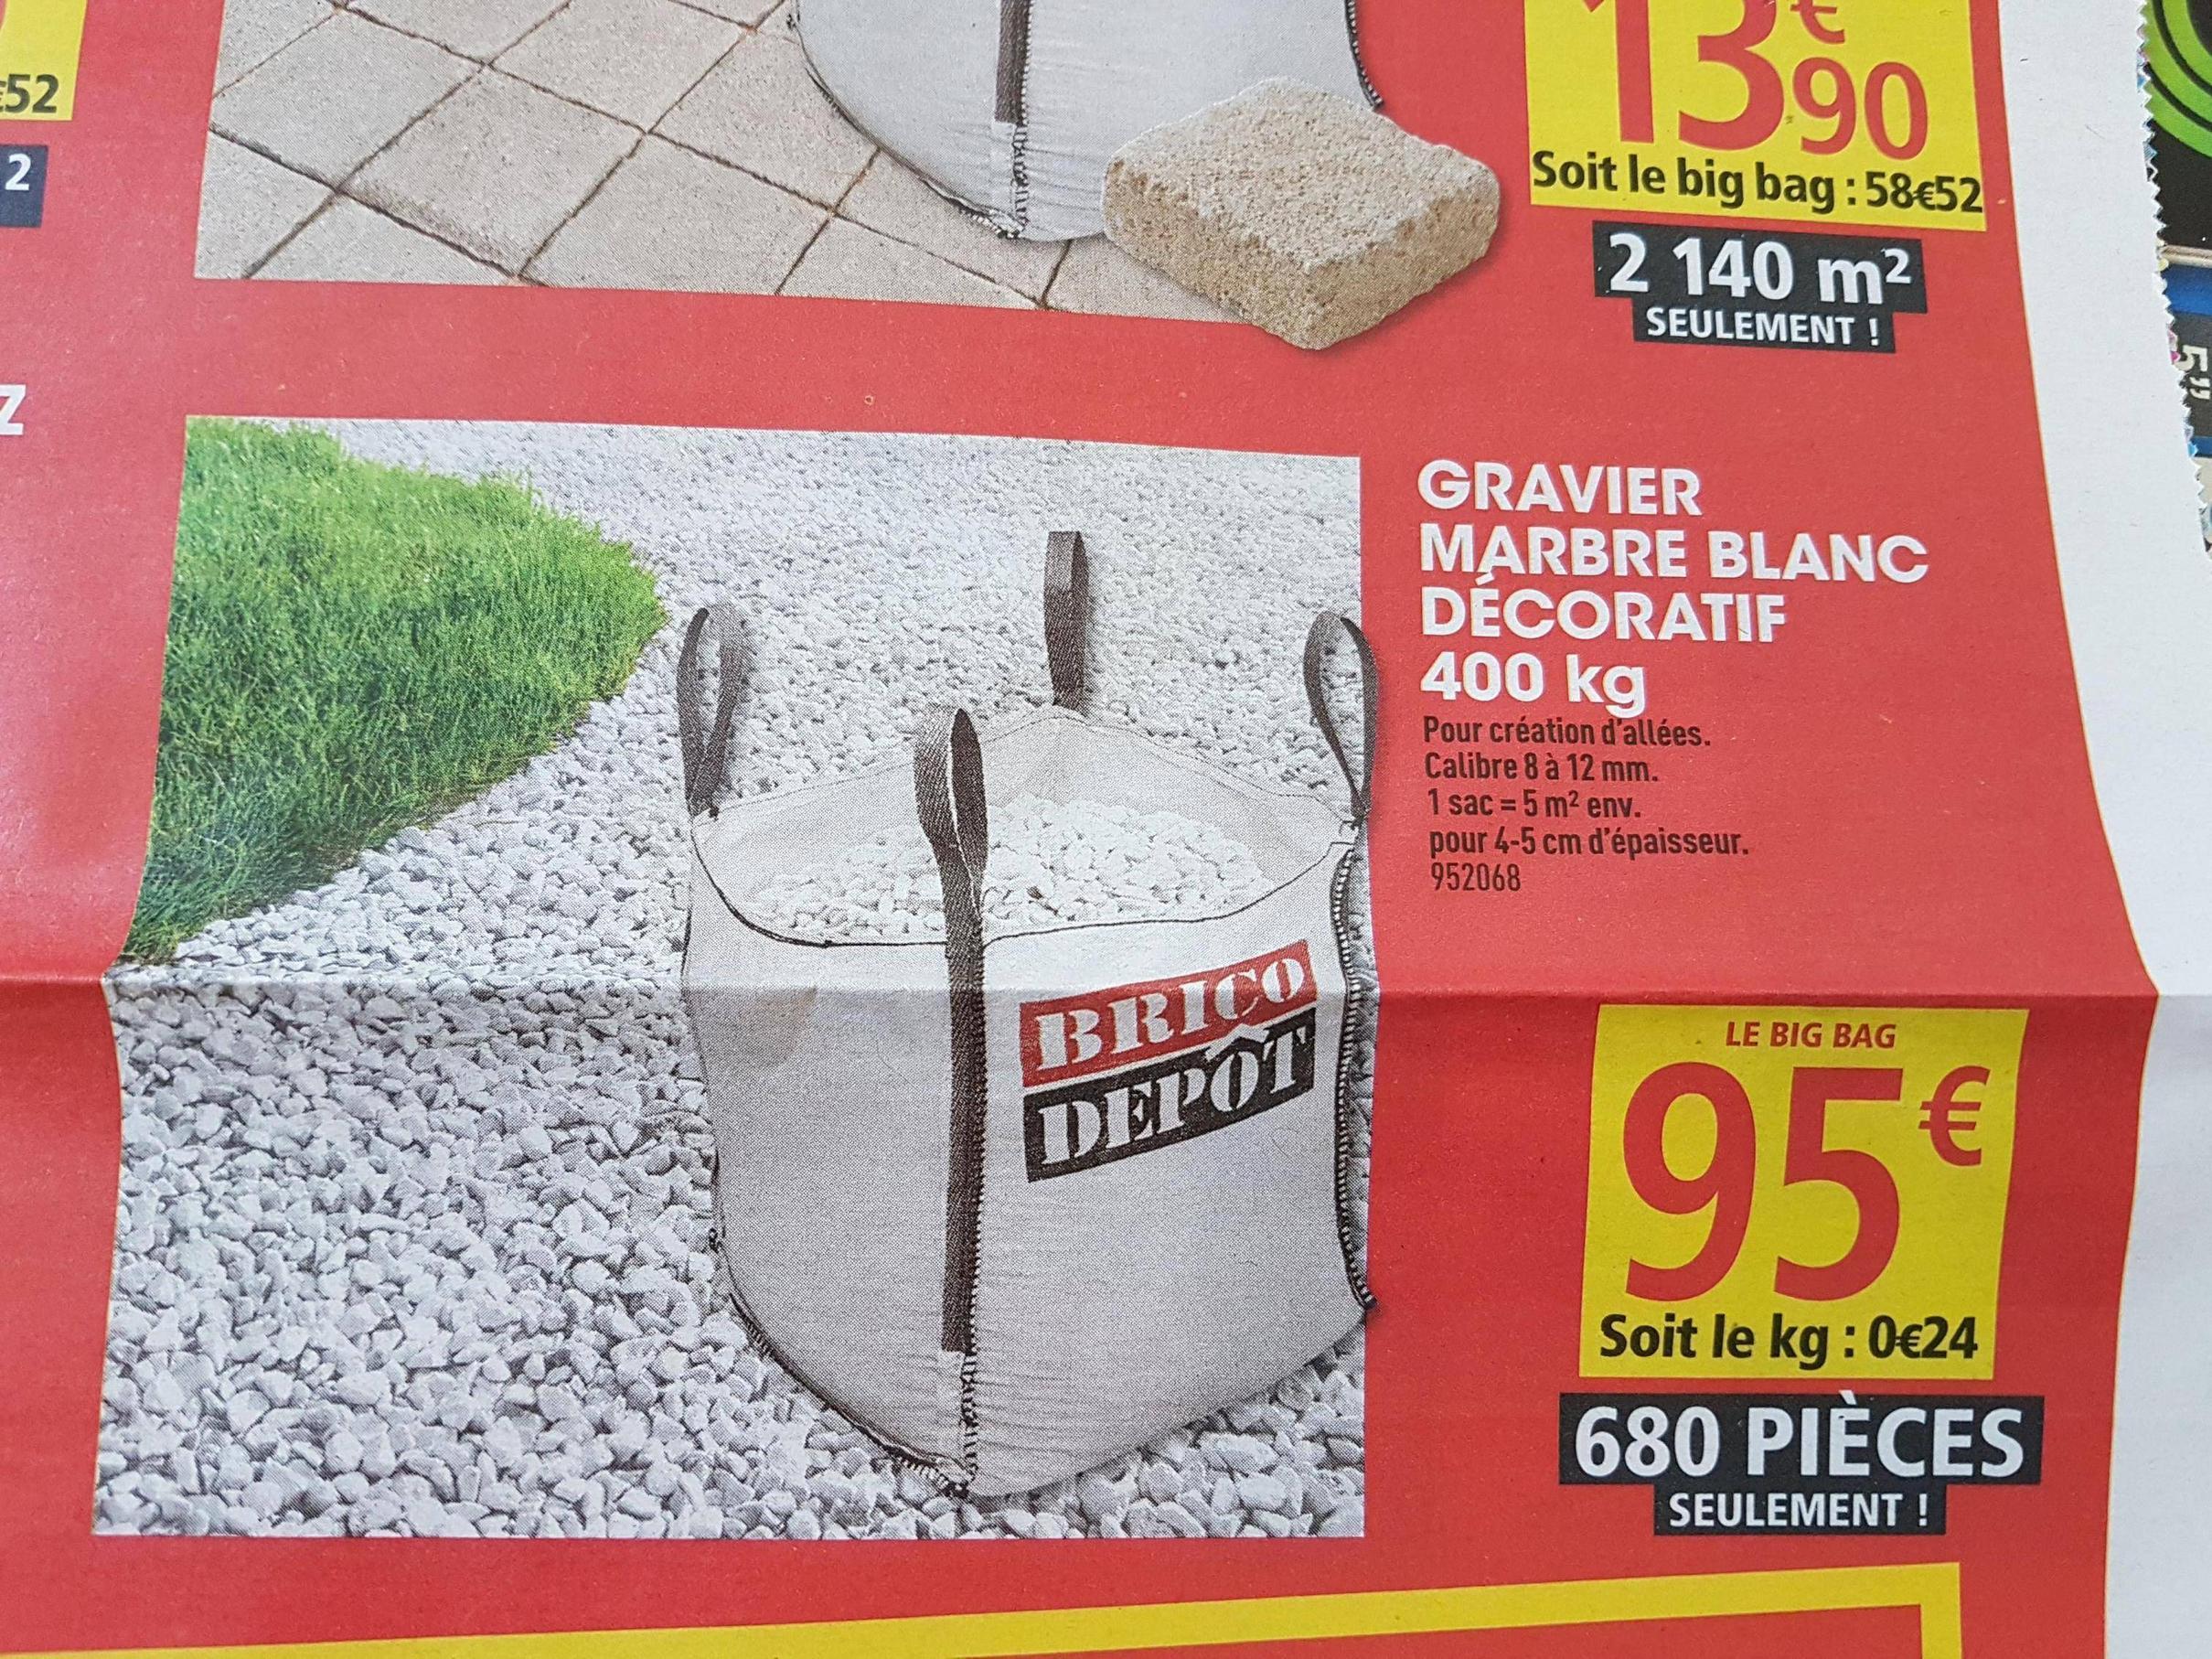 Gravier marbre blanc d coratif bigbag 400 kg for Gravier marbre blanc big bag